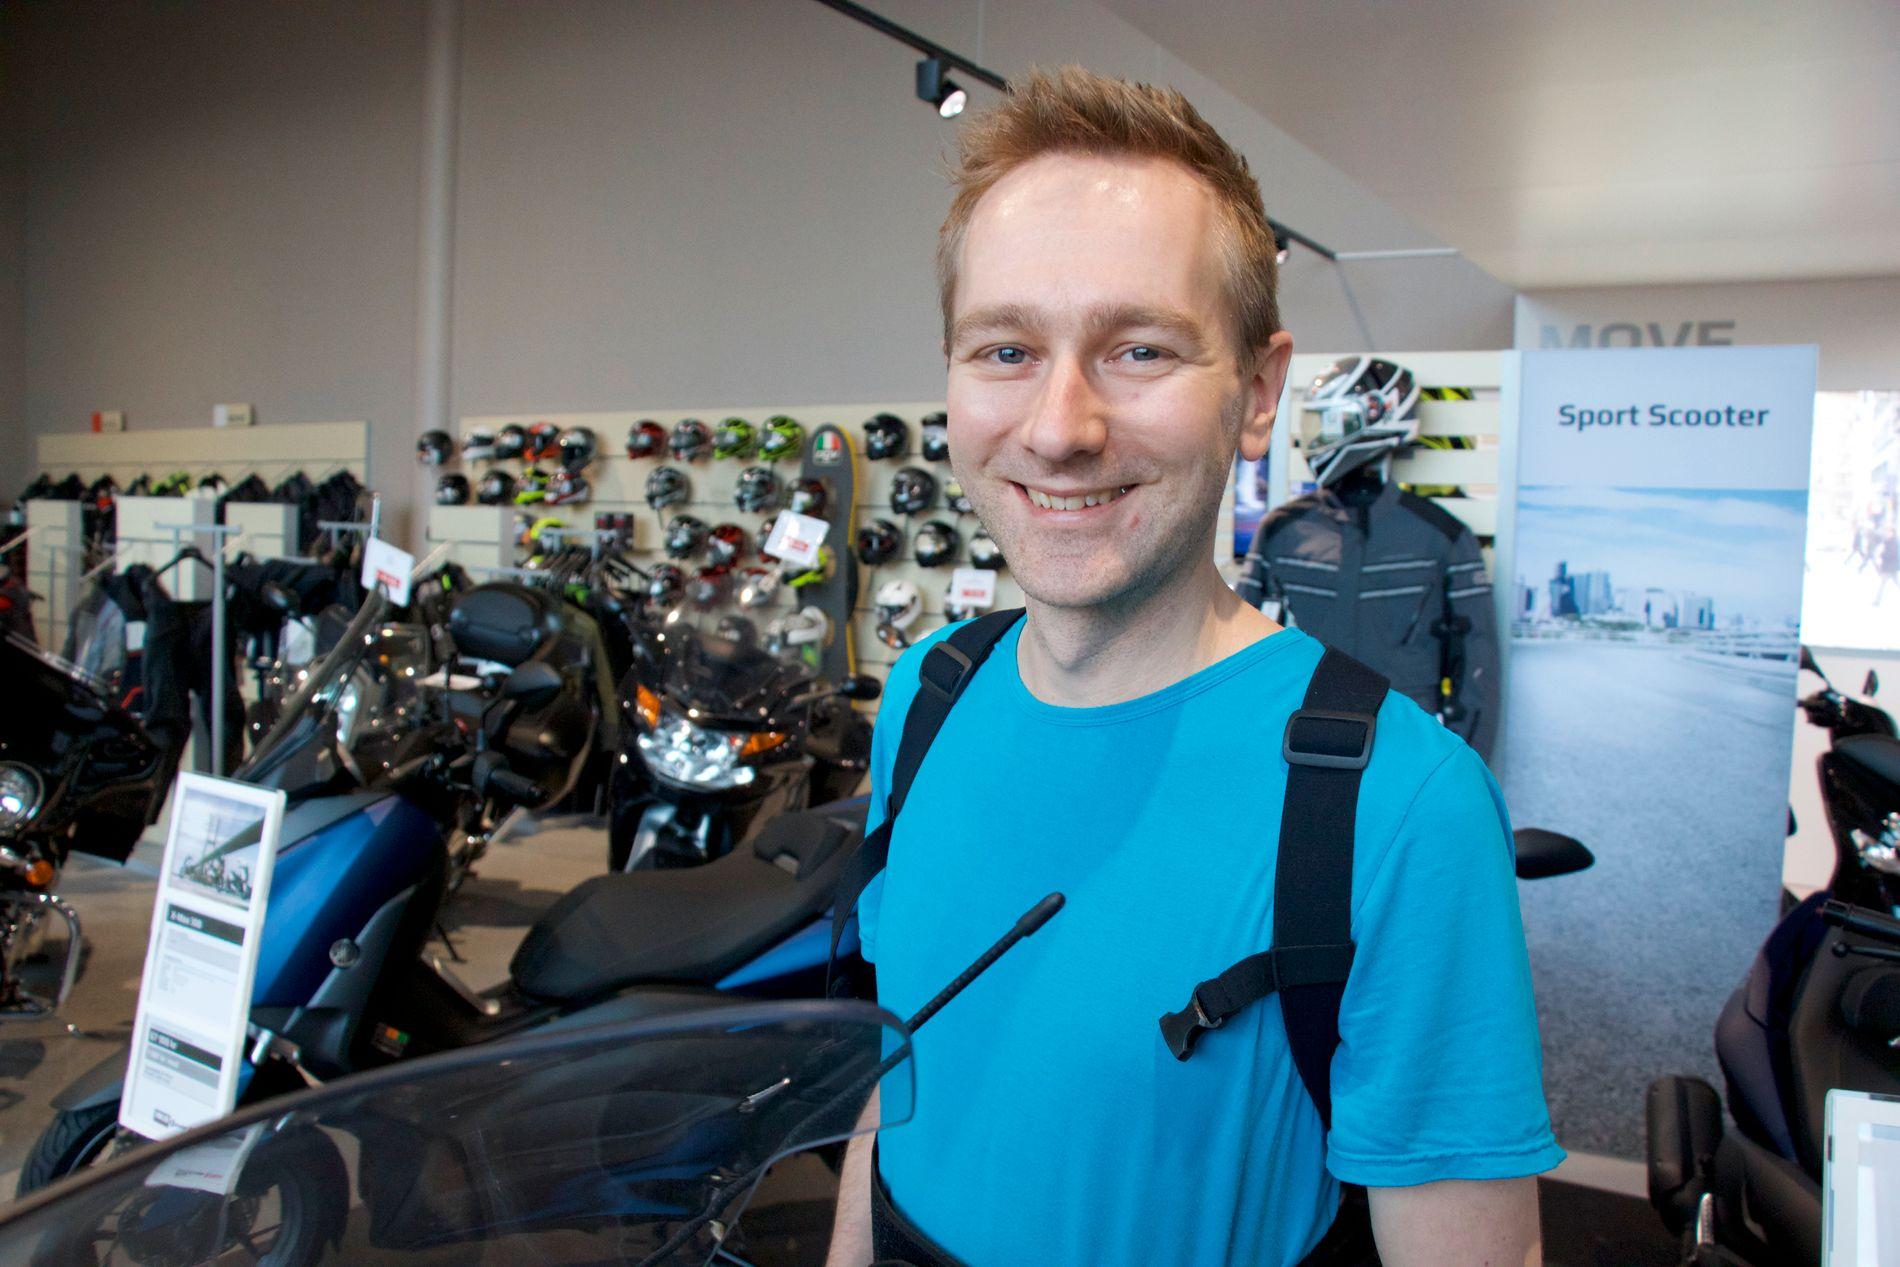 KJØPTE EN SCOOTER: Det ble gratis i bomringen og gratis parkering med scooter til og fra jobb.